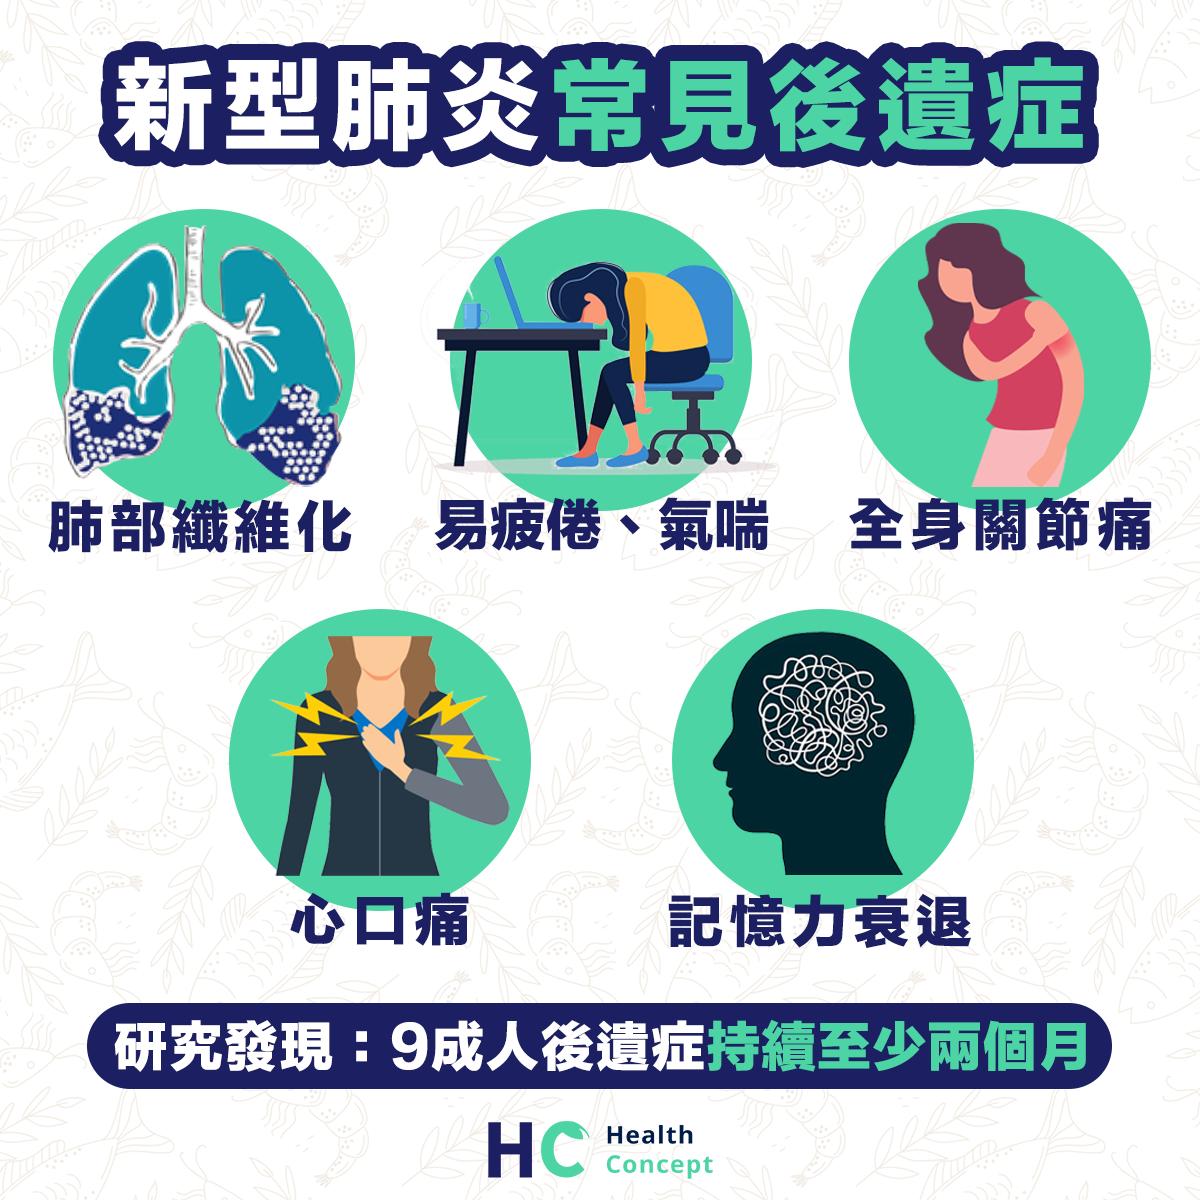 【#健康資訊】新型肺炎常見後遺症